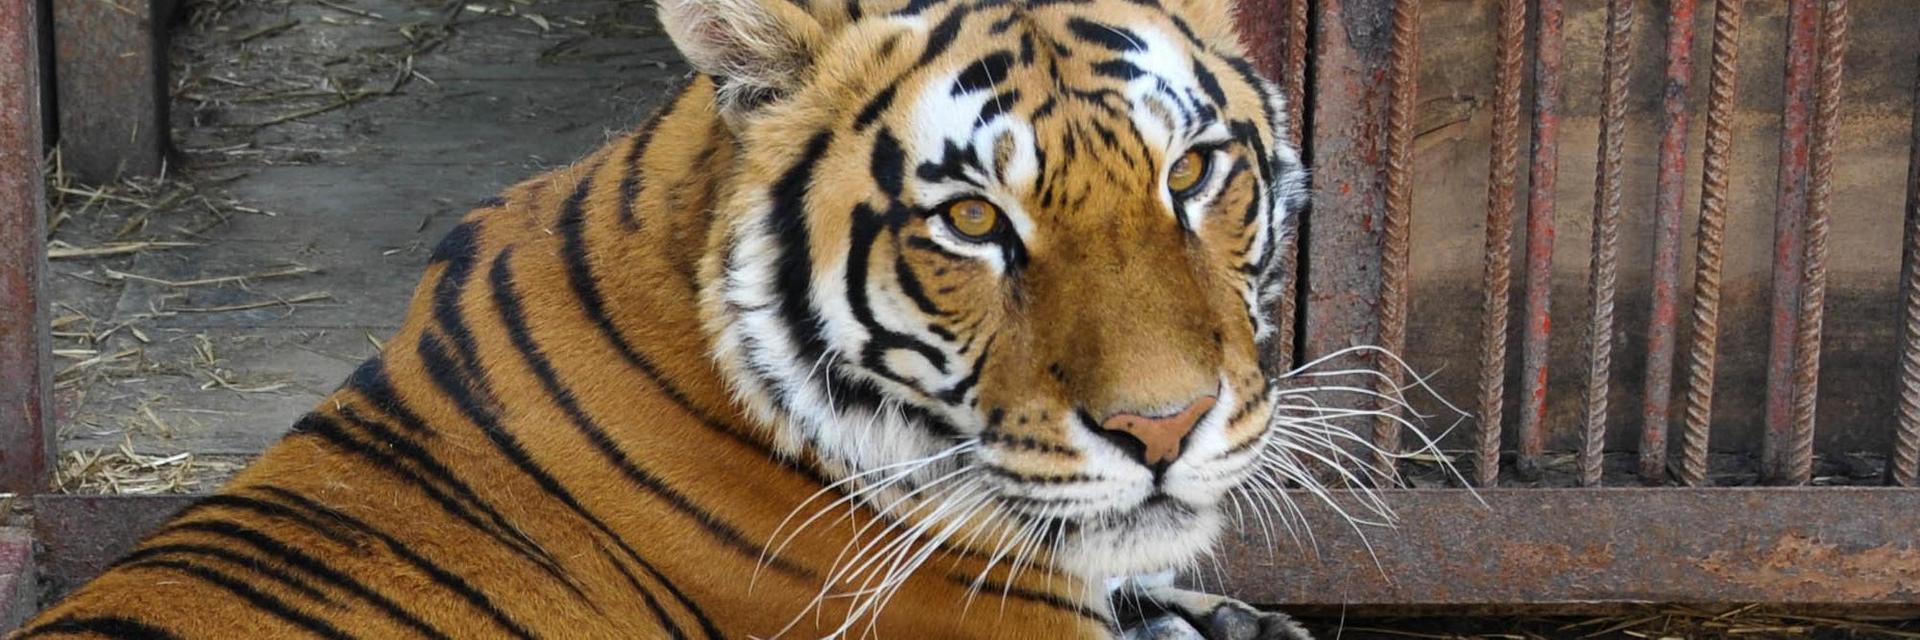 tiger Tsezar